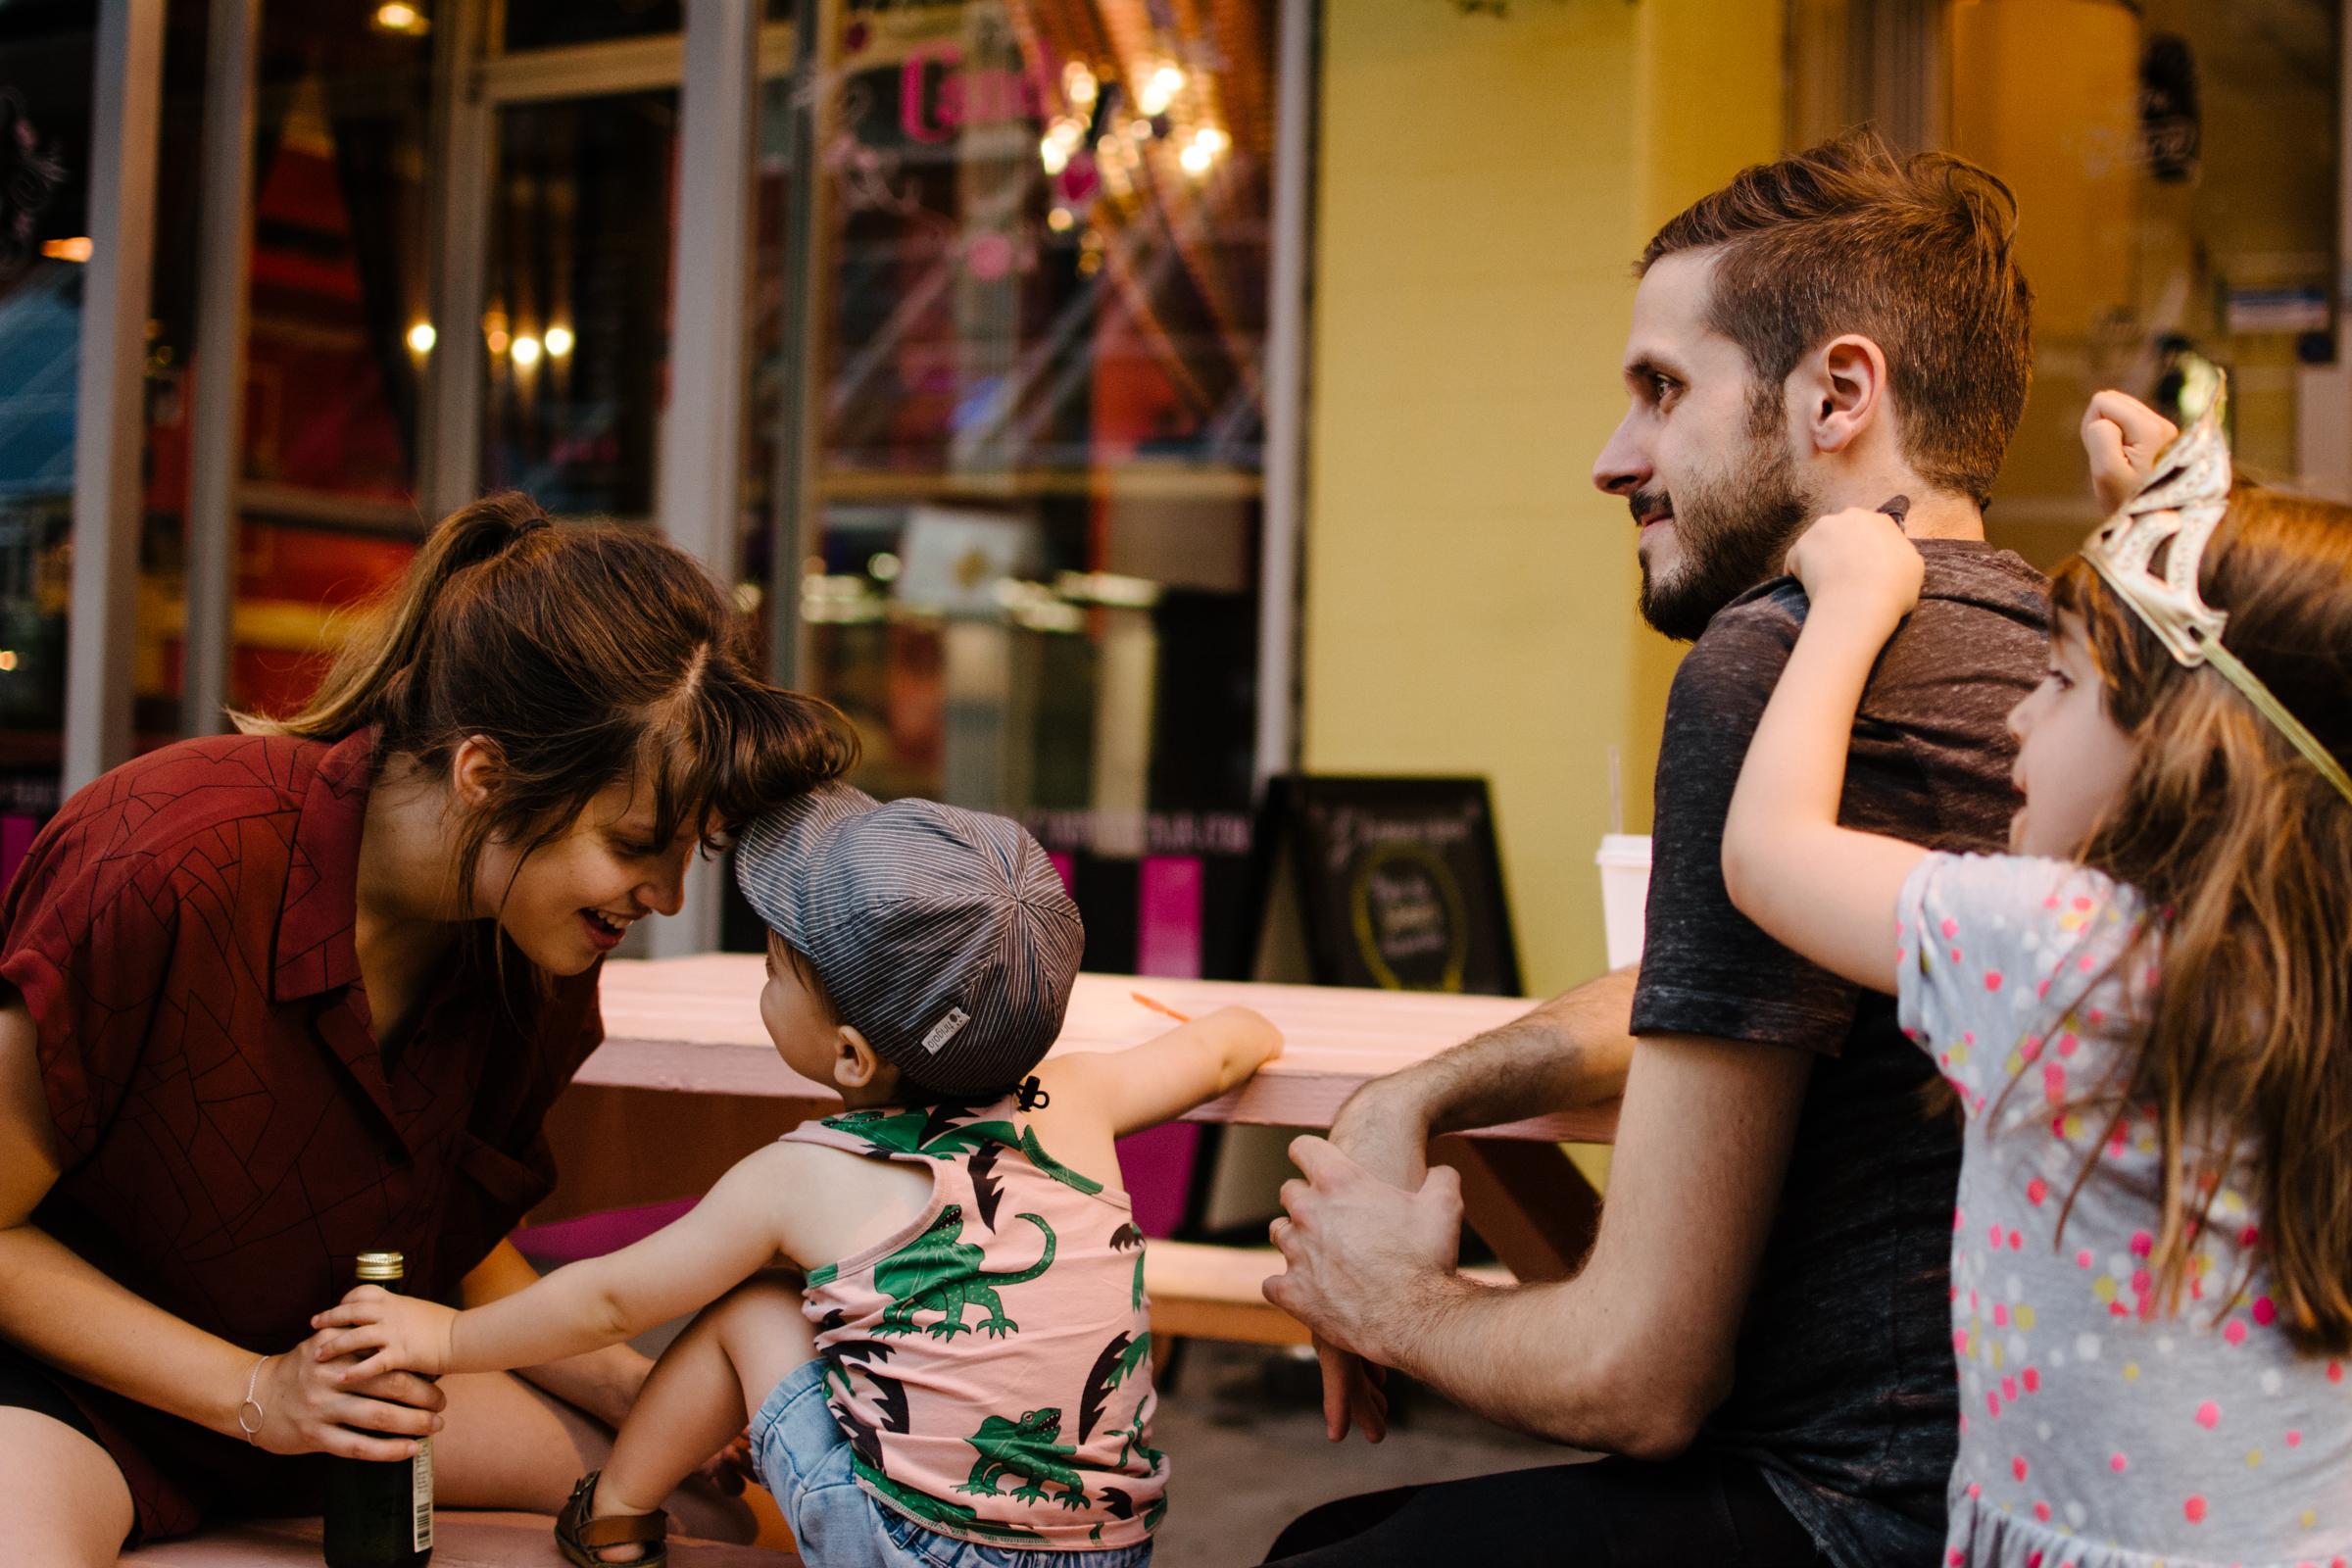 photo-d-une-une-famille-qui-mange-de-la-gelato-a-l-armoire-a-glaces-photographe-lifestyle-de-famille-a-montreal-marianne-charland-135.jpg